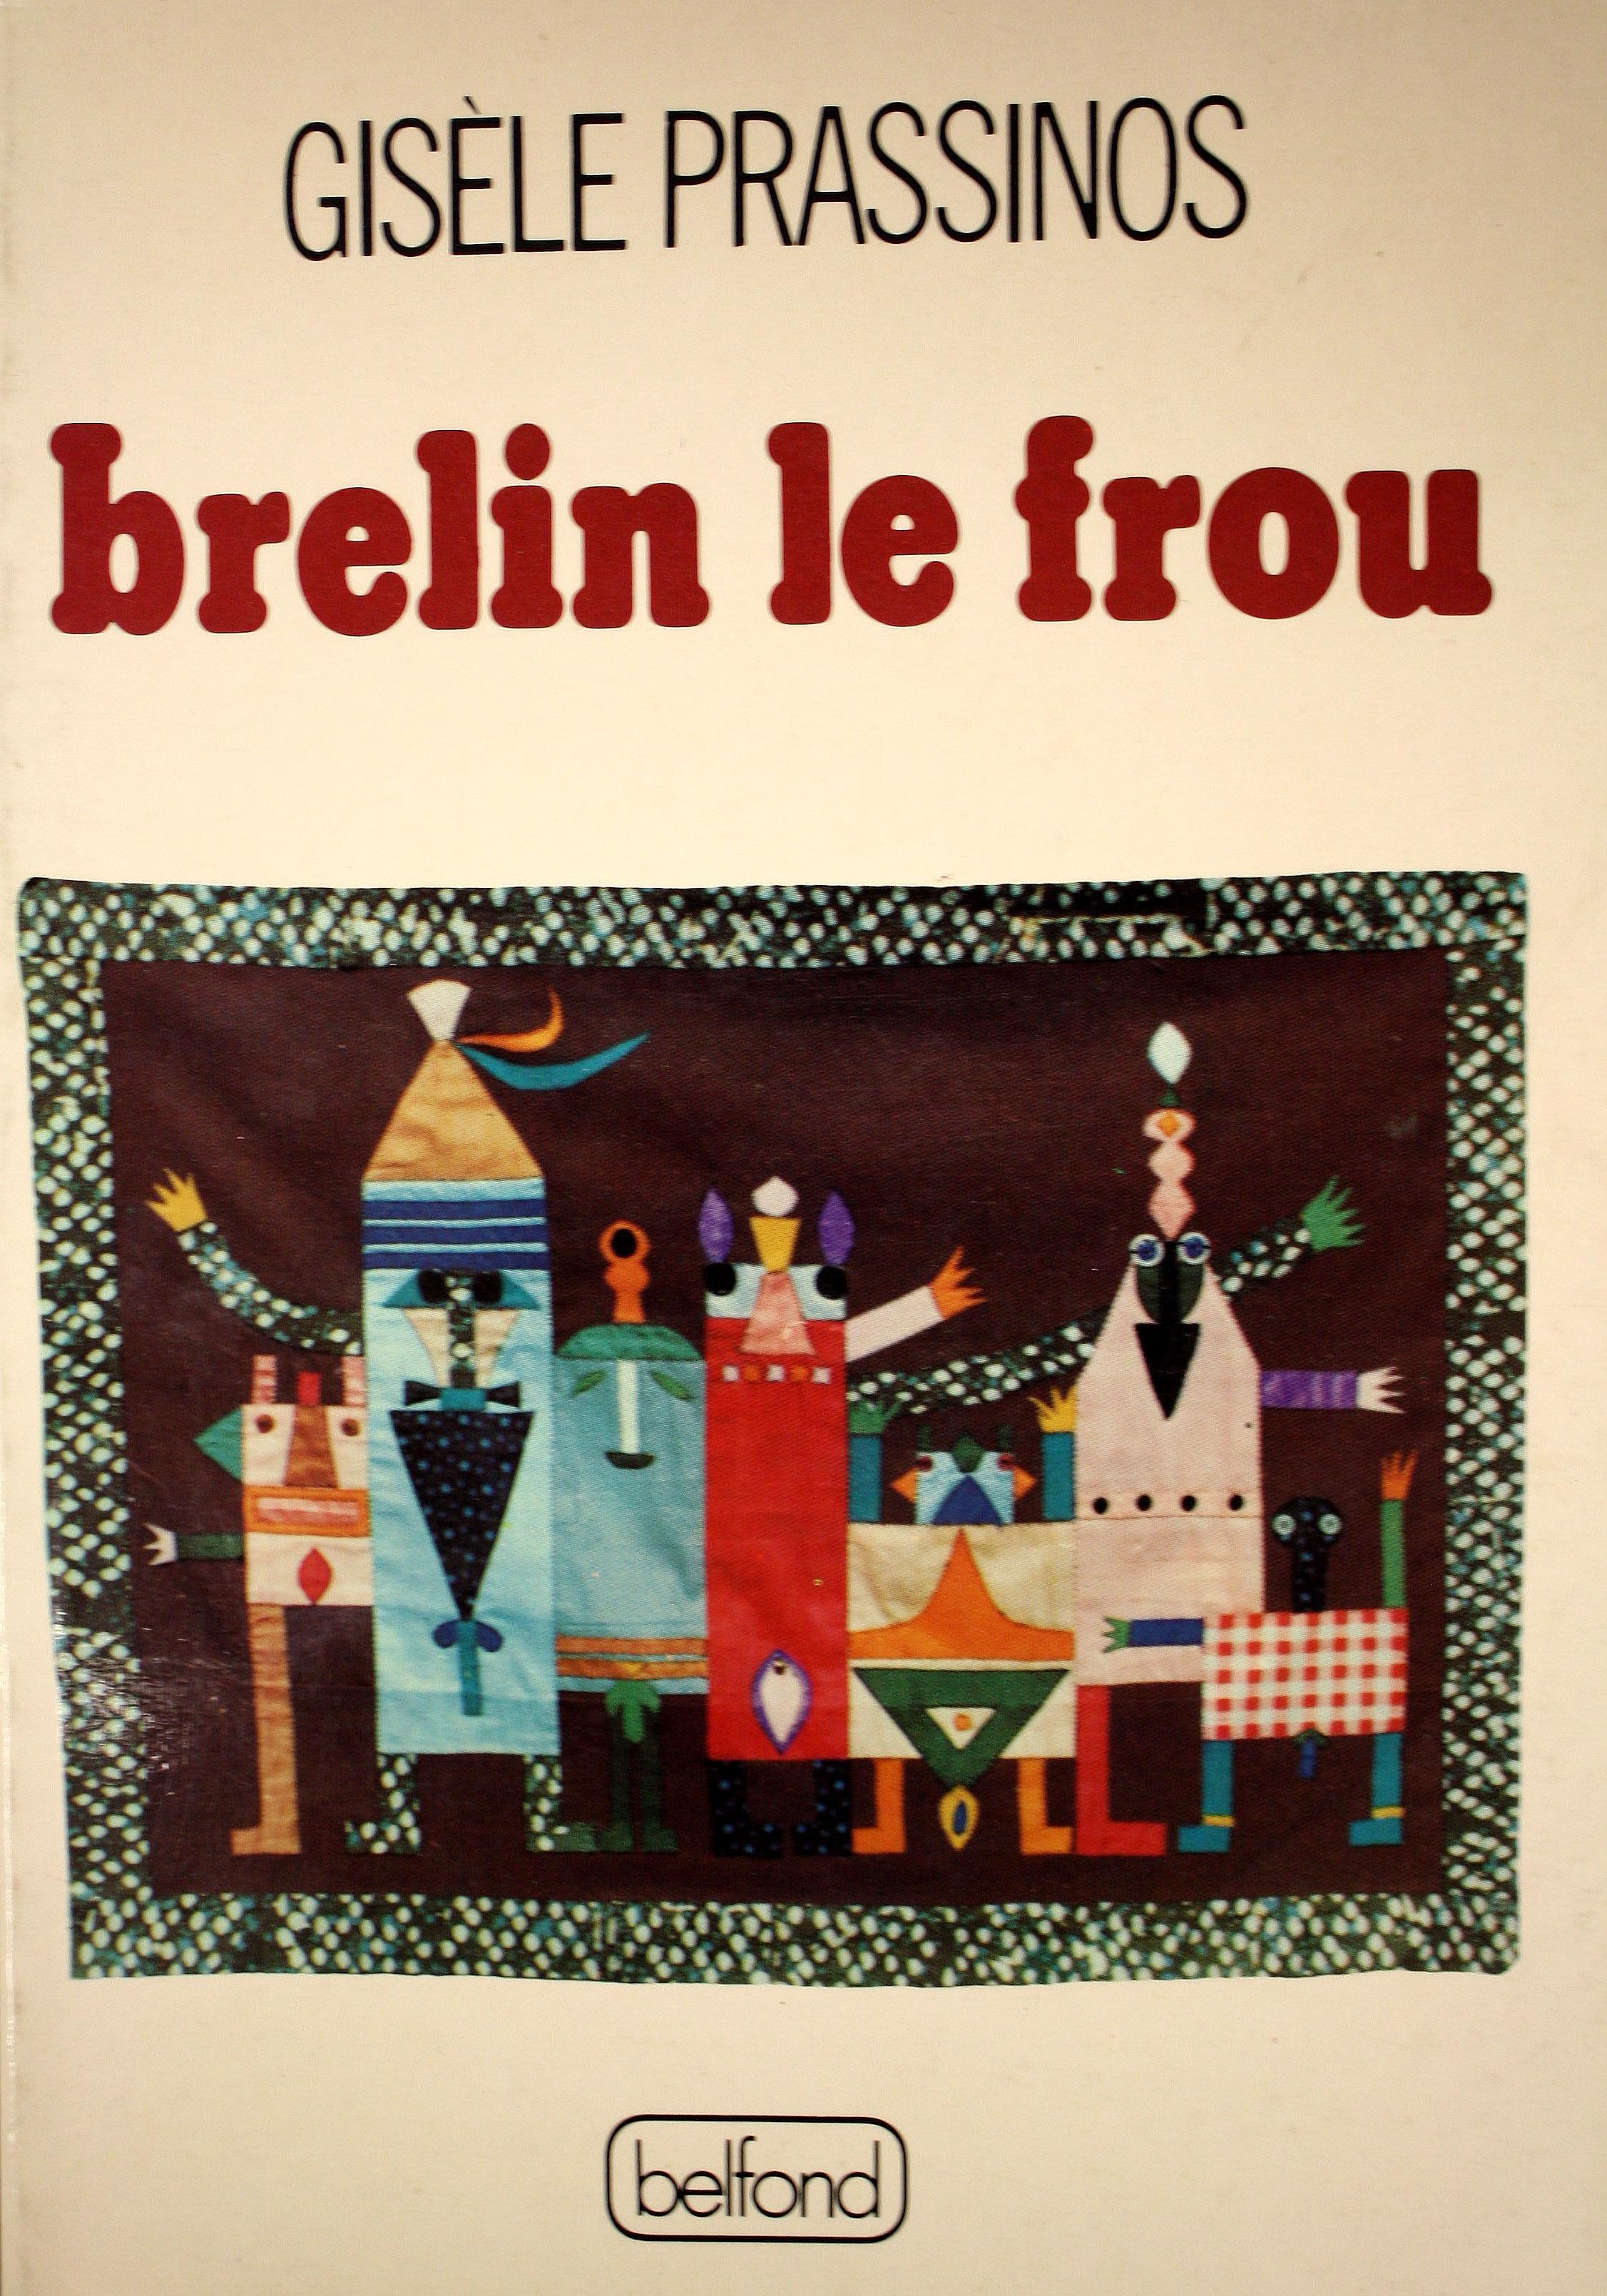 Gisèle Prassinos, <br /><em>Brelin lefrou oulePortrait defamille</em>, 1975